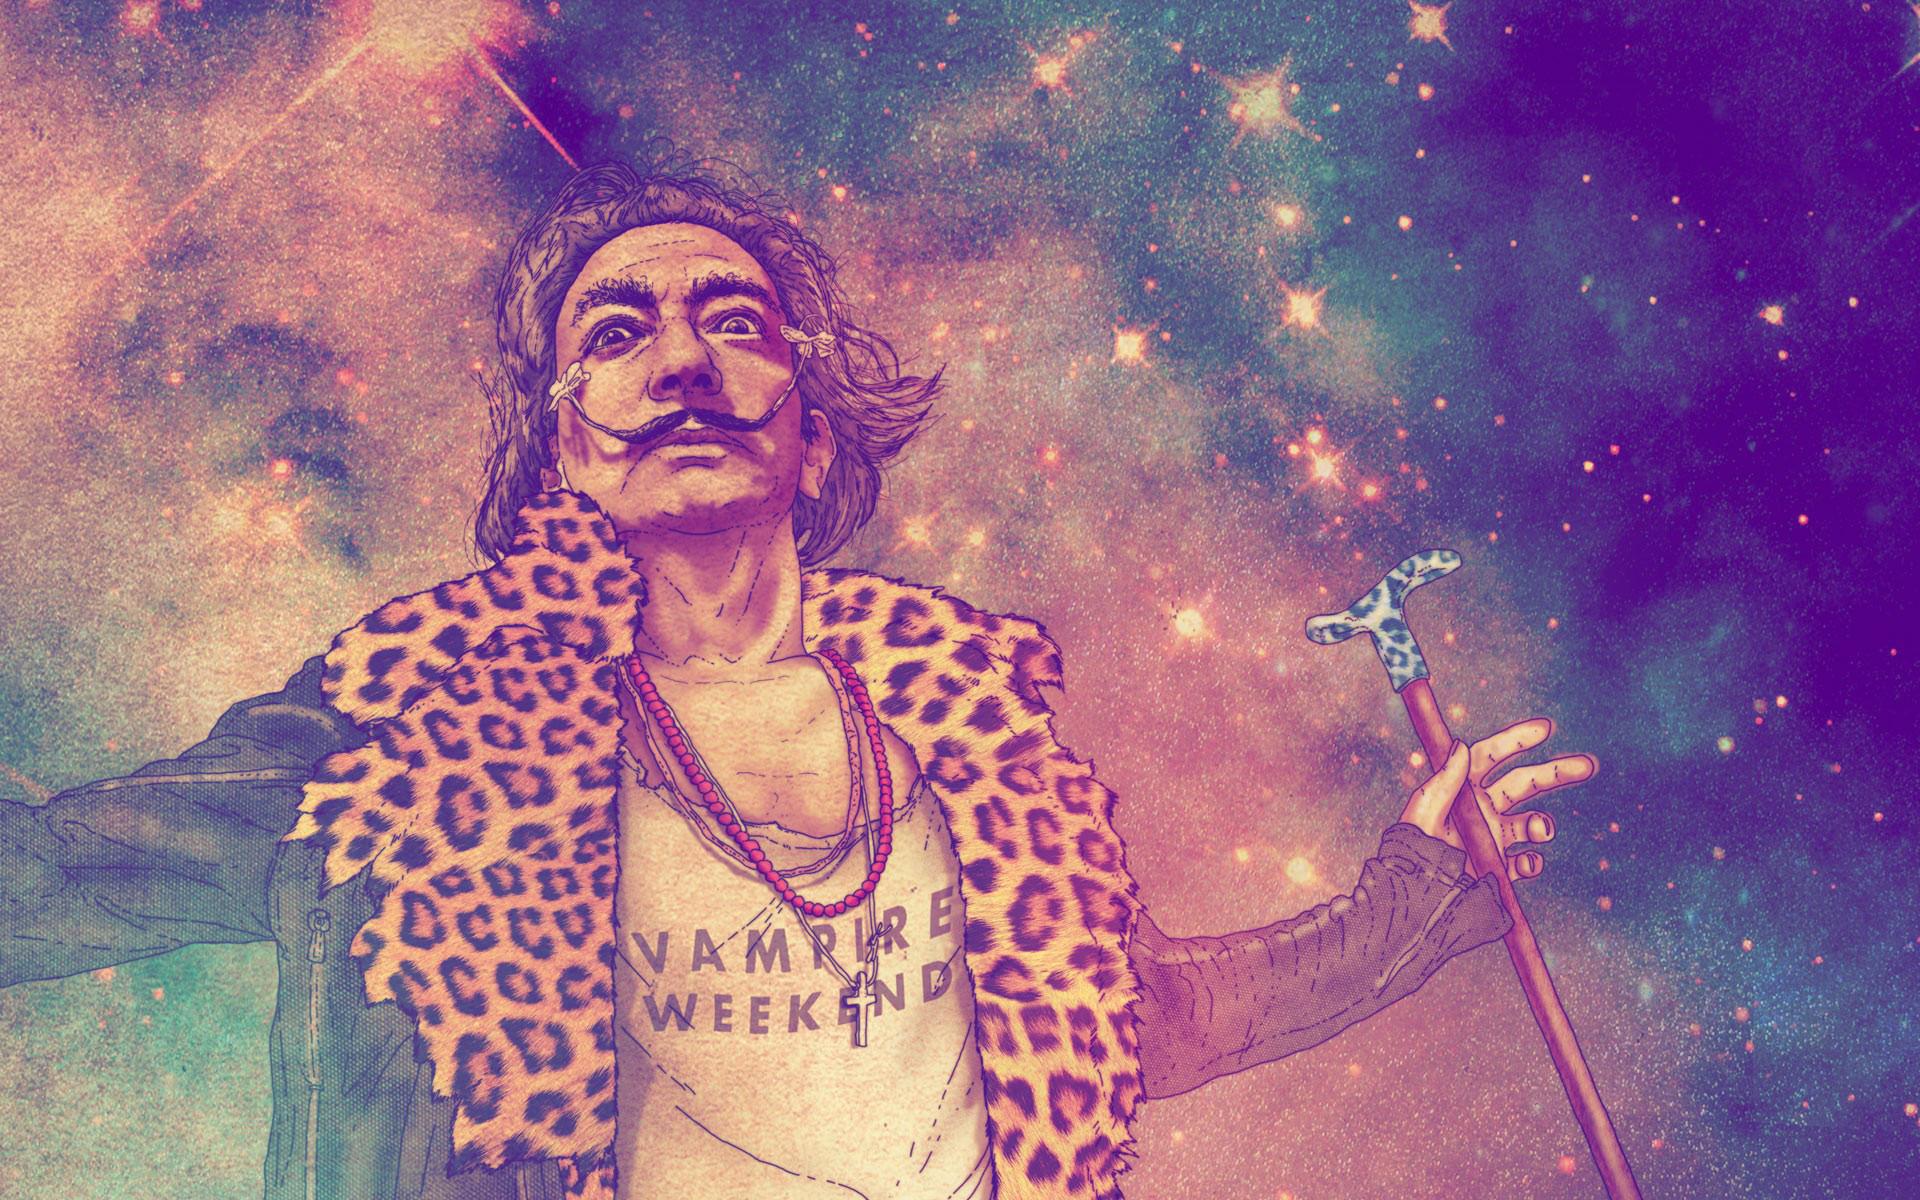 Salvador Dali Wallpaper Widescreen